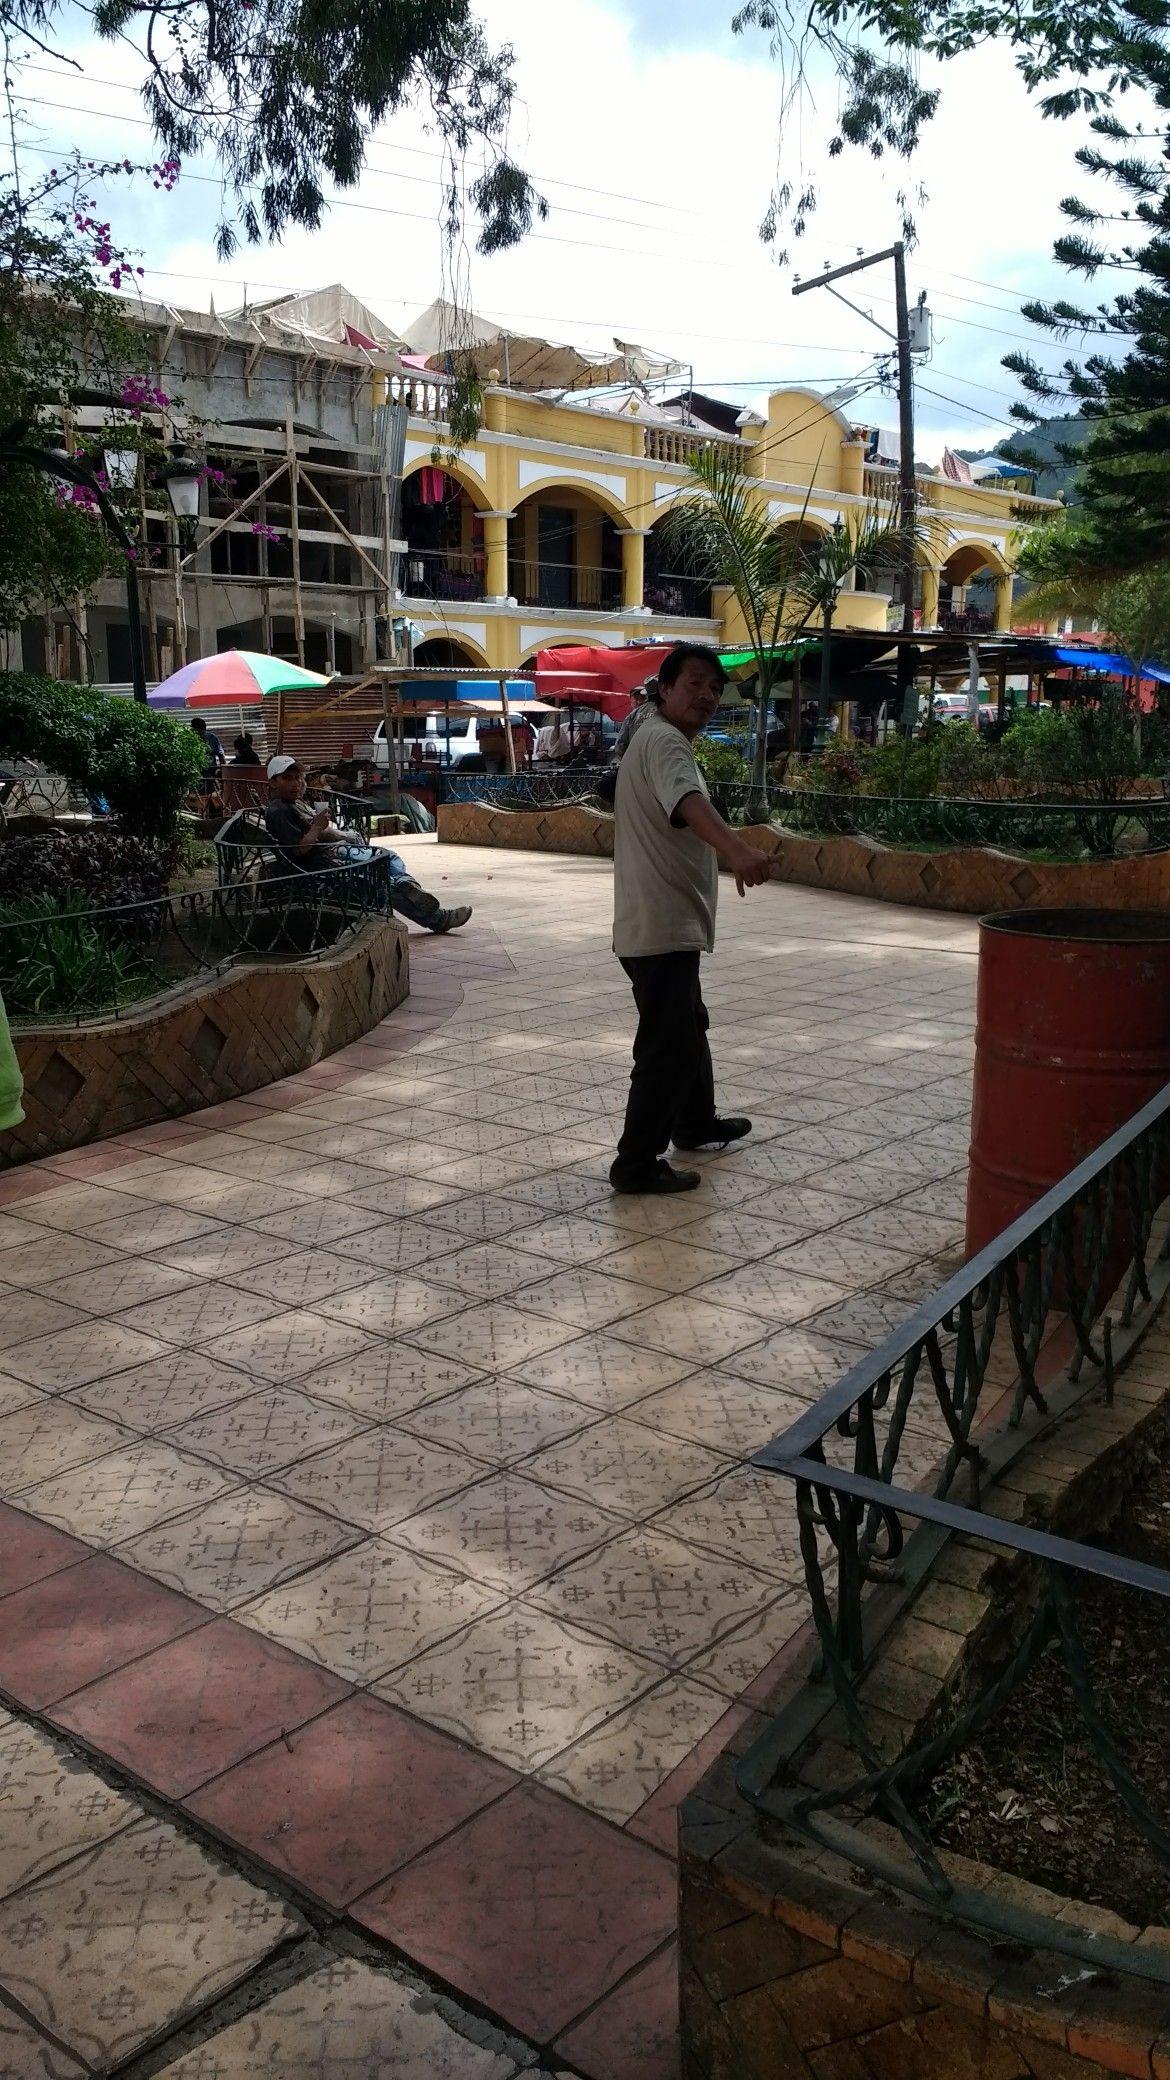 Santo Domingo Xenacoj Guatemala El Progreso Jutiapa Guatemala  # Muebles Fiesta Jutiapa